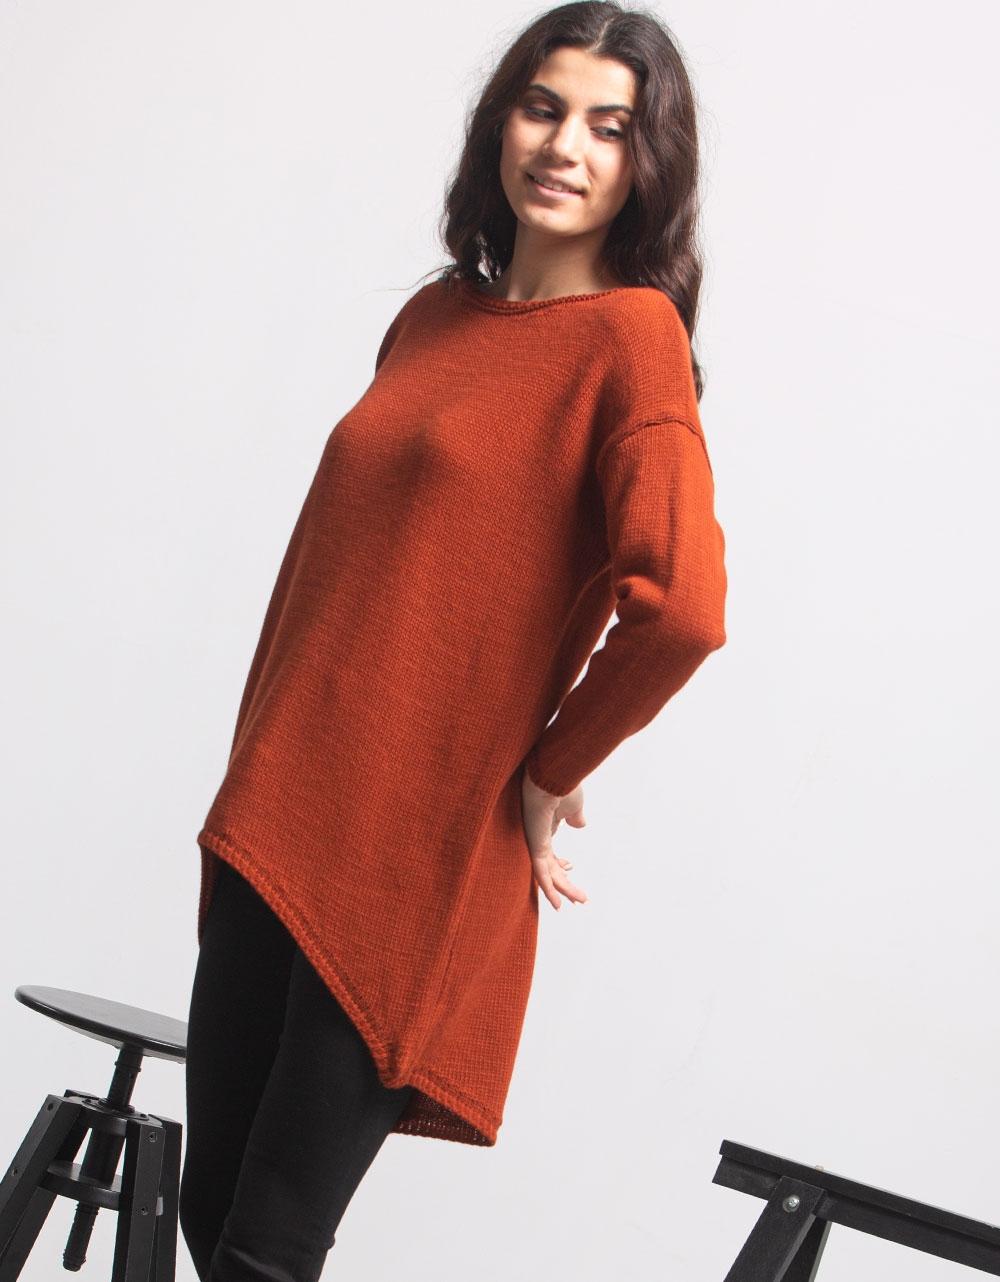 Εικόνα από Γυναικεία μπλούζα με ασύμμετρο σχέδιο Καφέ